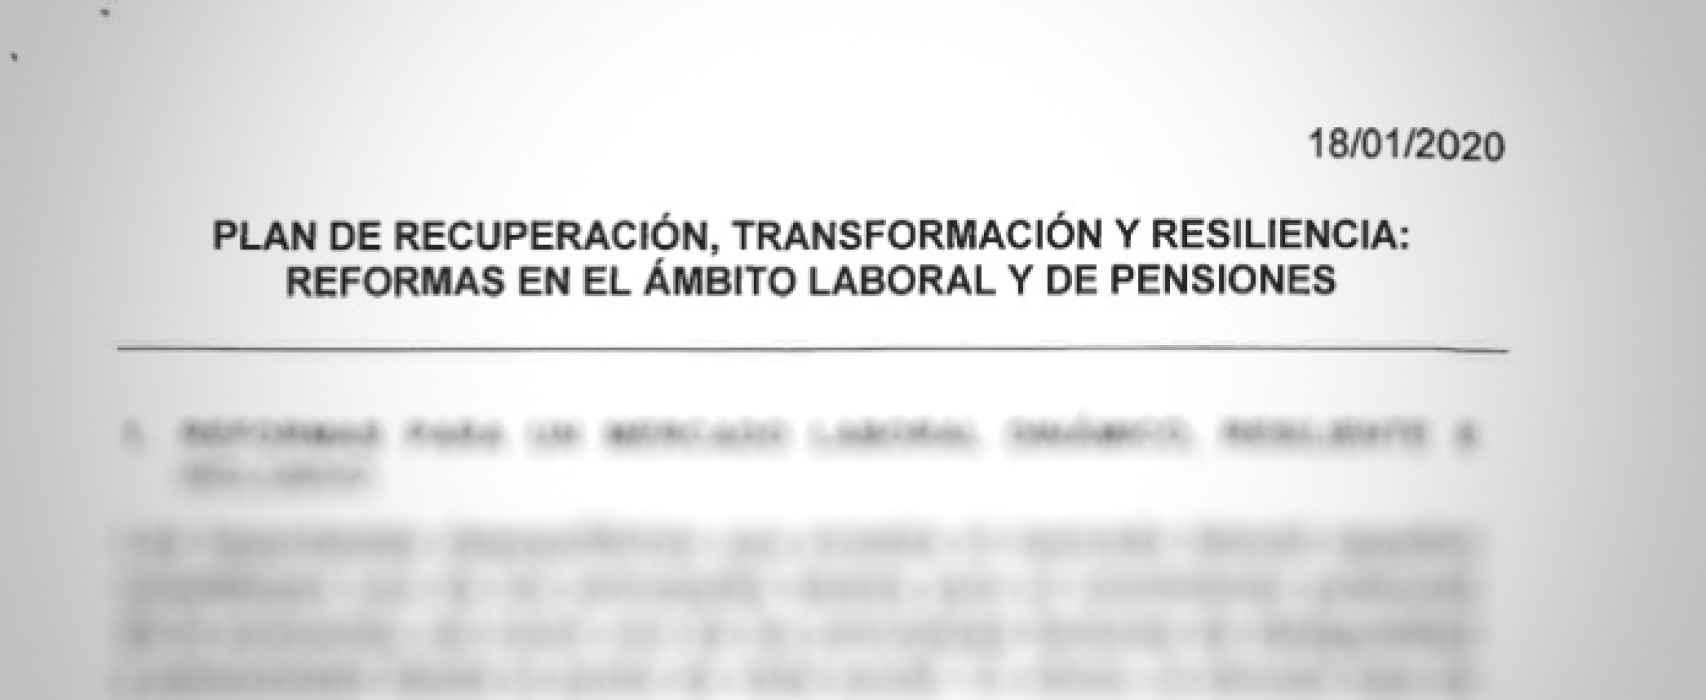 Encabezamiento de la ficha 30 enviada a la Comisión Europea: Reformas en el ámbito laboral y de pensiones.